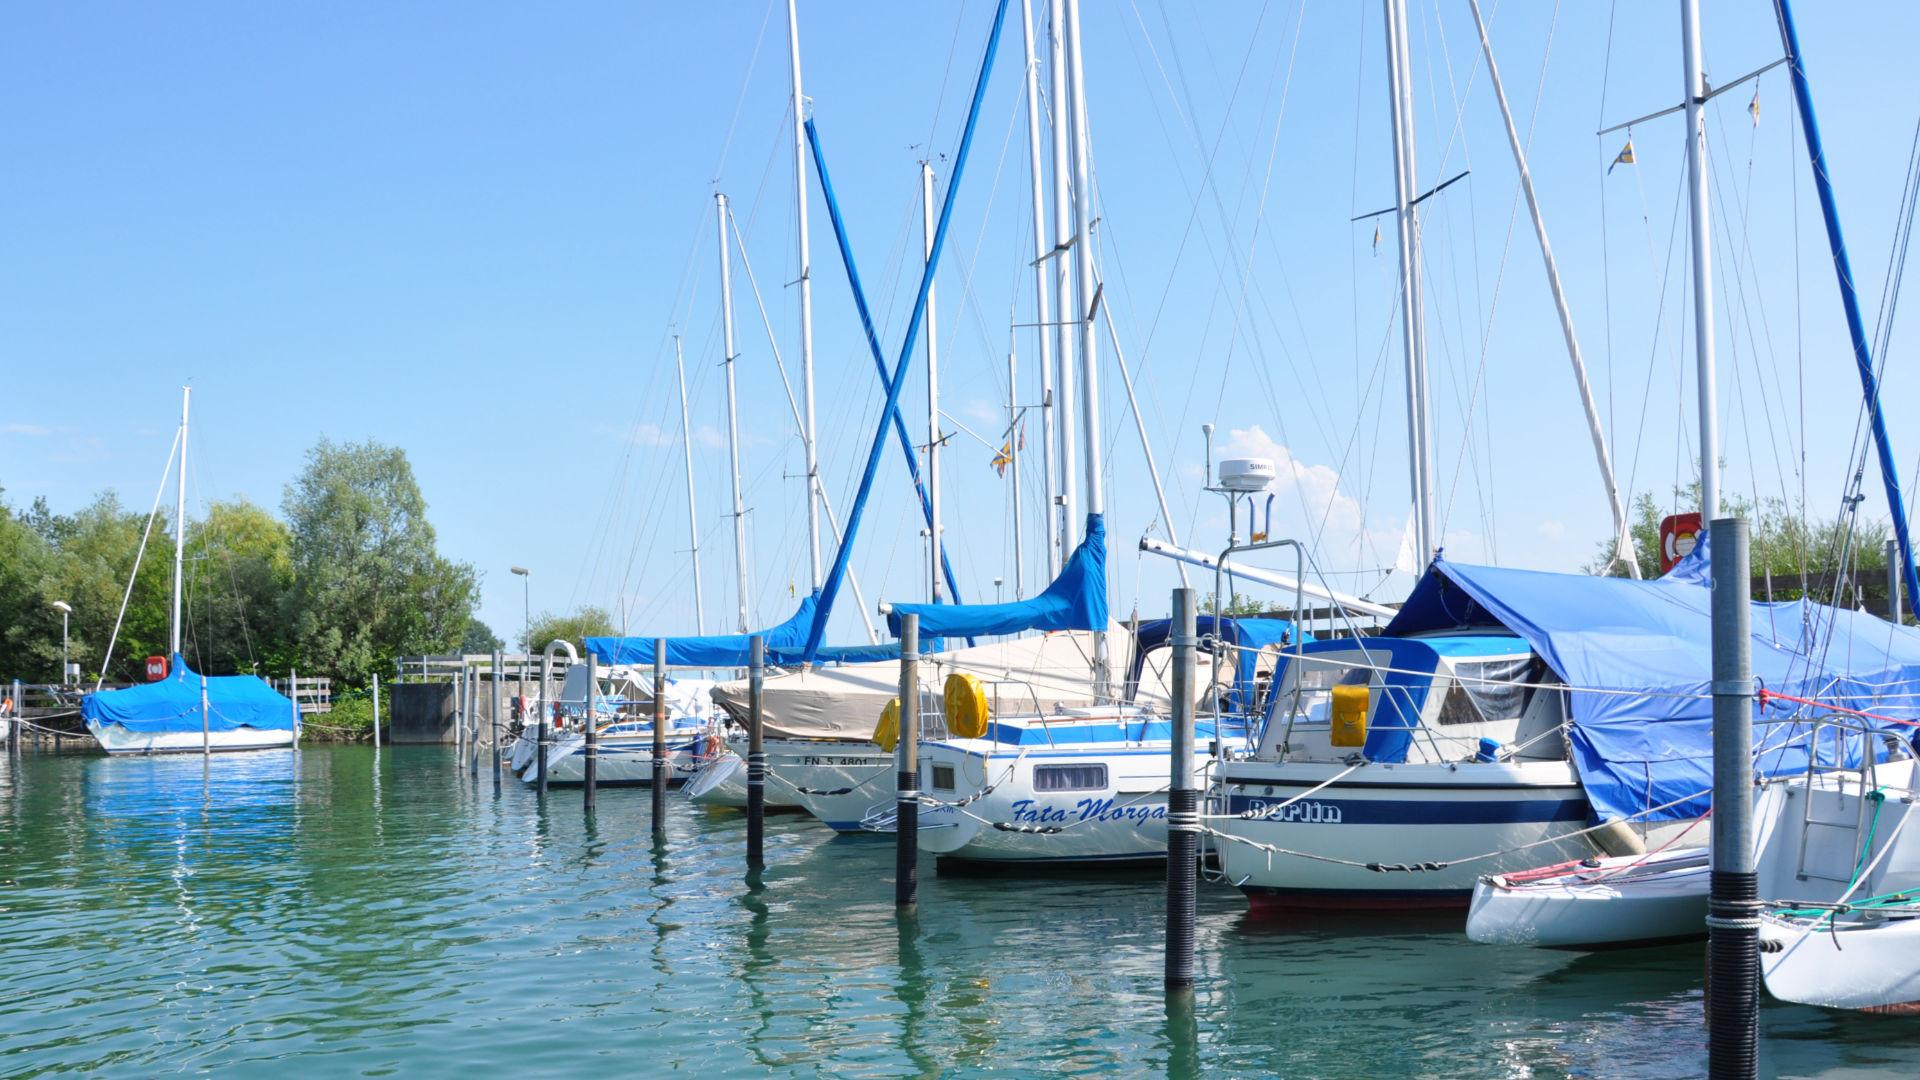 Blick auf Segelschiffe im Hafen Meerburg am Bodensee